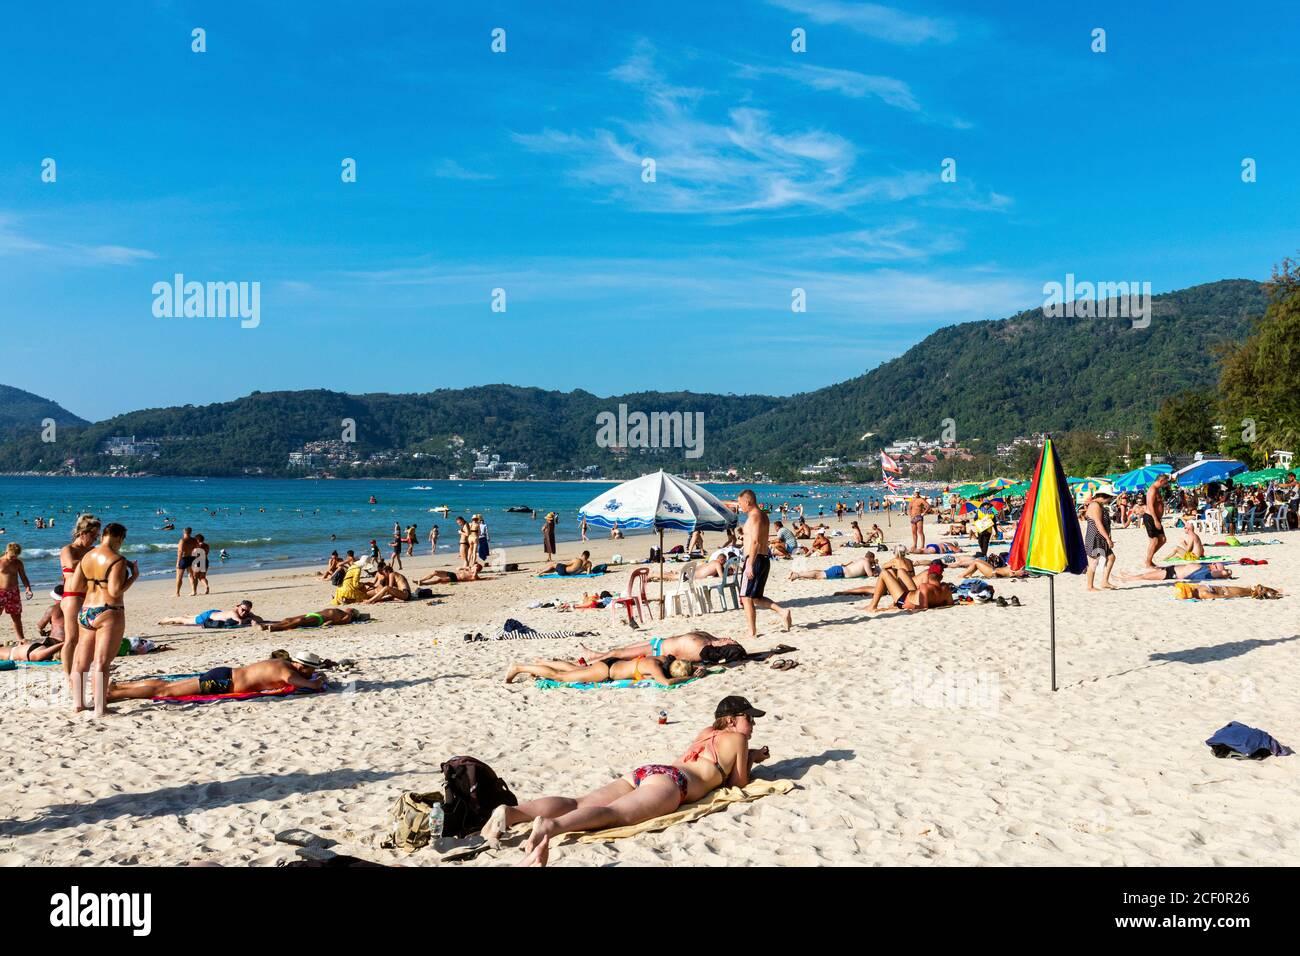 Touristes se bronzer sur la plage, Patong, Phuket, Thaïlande Banque D'Images